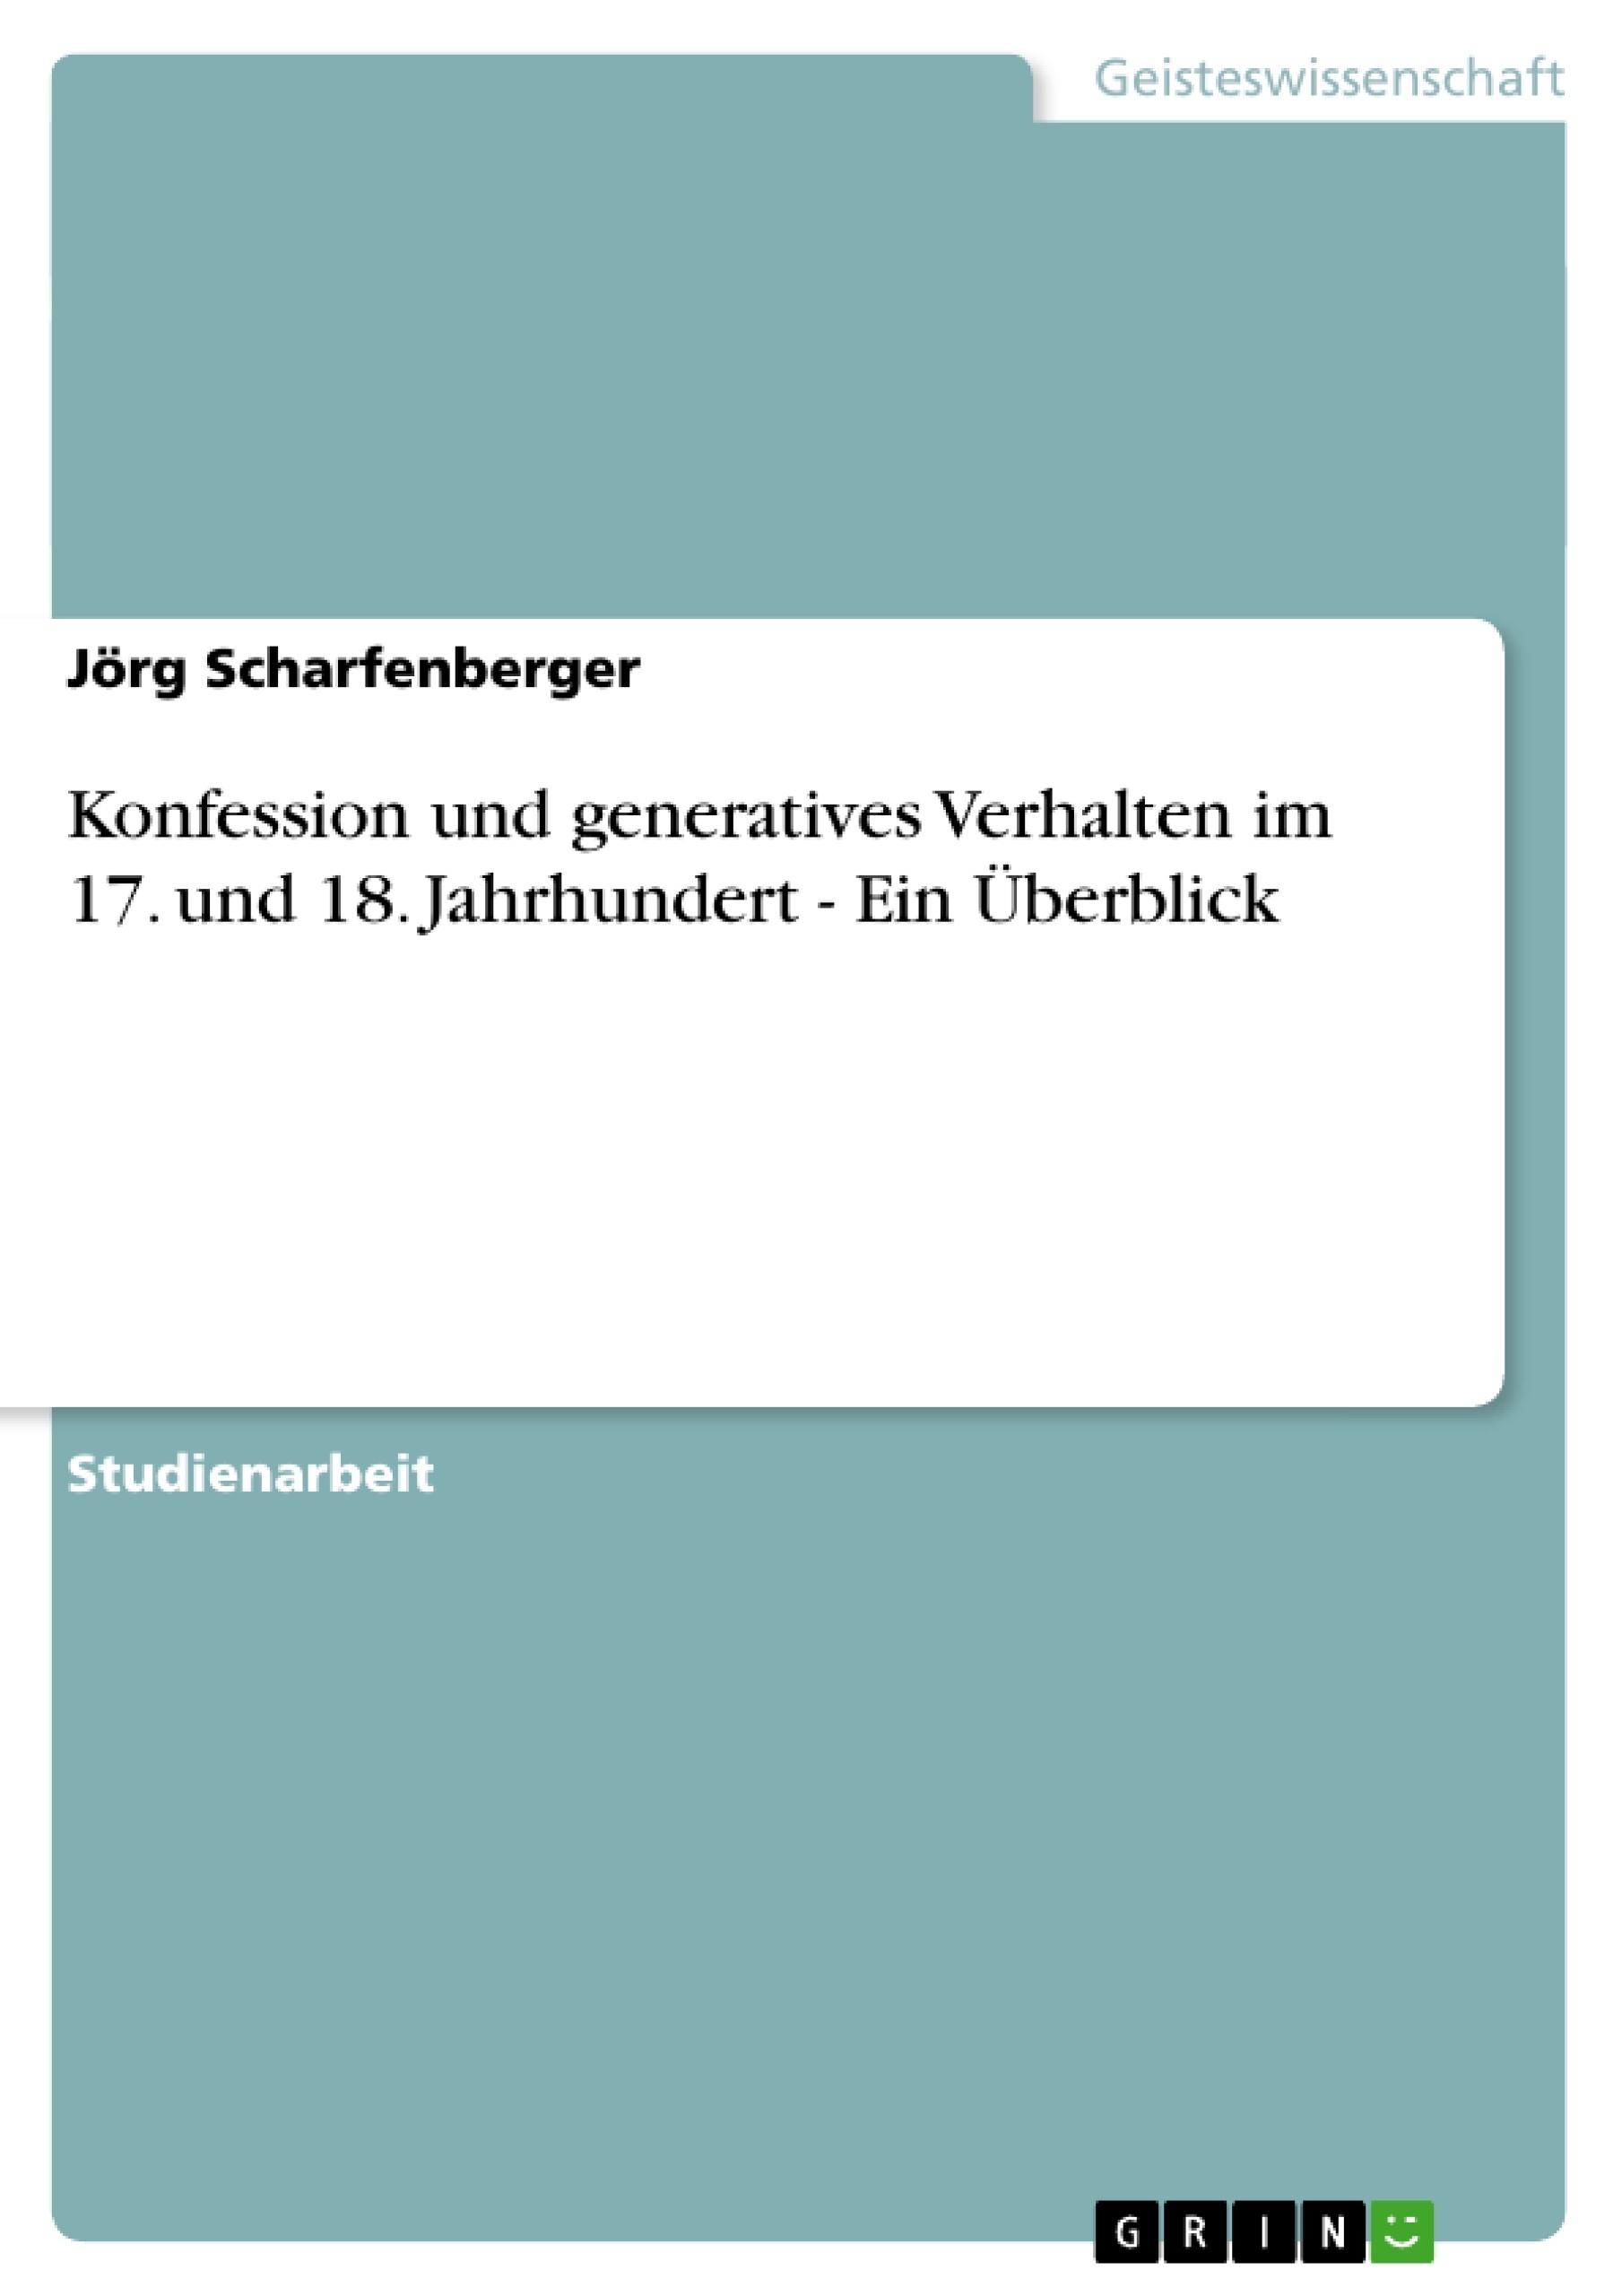 Titel: Konfession und generatives Verhalten im 17. und 18. Jahrhundert - Ein Überblick